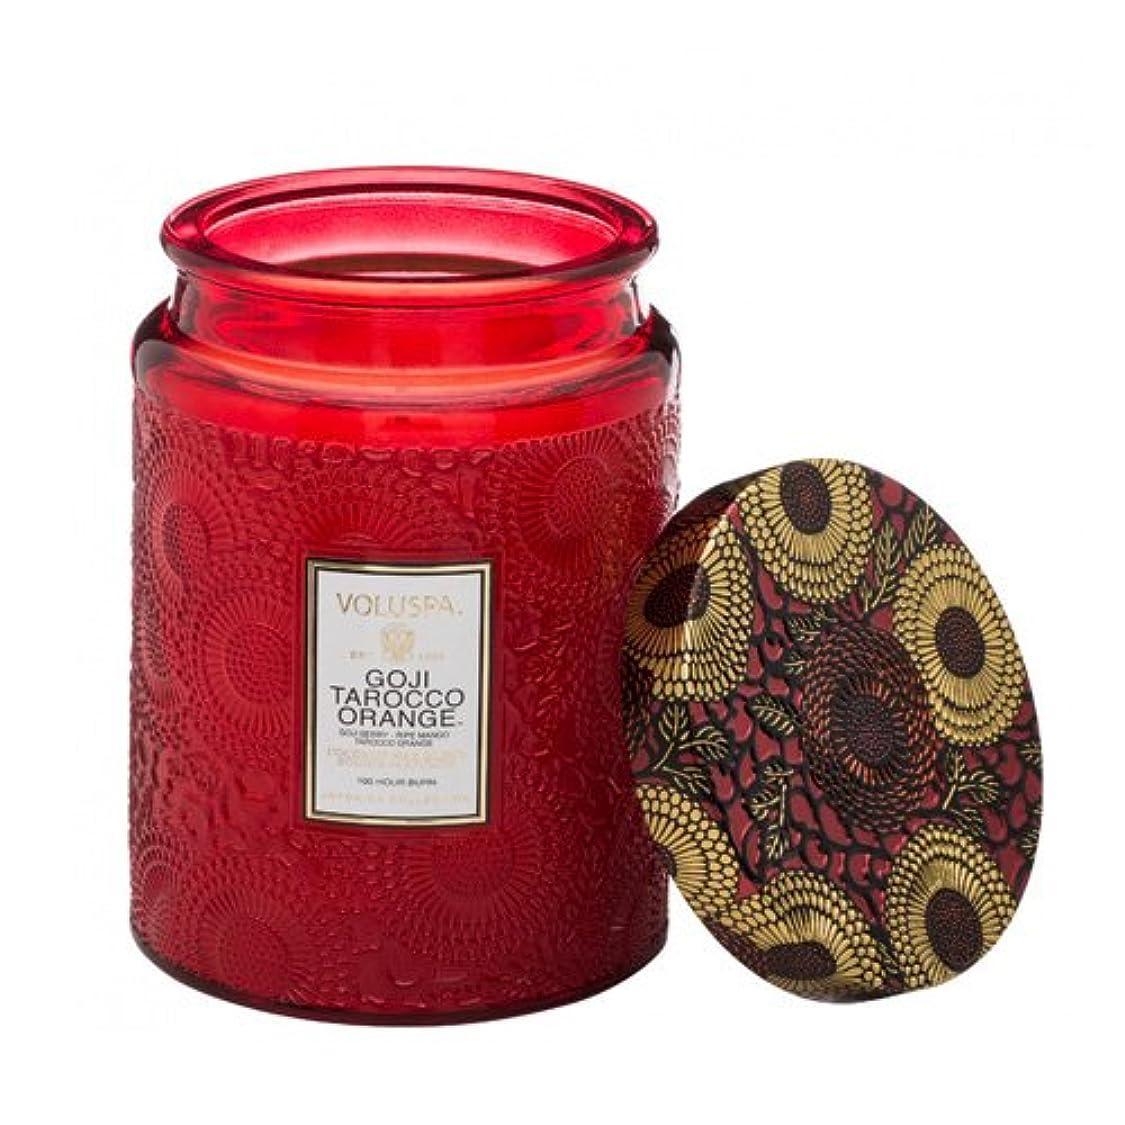 アヒルスイス人オピエートVoluspa ボルスパ ジャポニカ リミテッド グラスジャーキャンドル  L ゴージ&タロッコオレンジ GOJI & TAROCCO ORANGE JAPONICA Limited LARGE EMBOSSED Glass jar candle